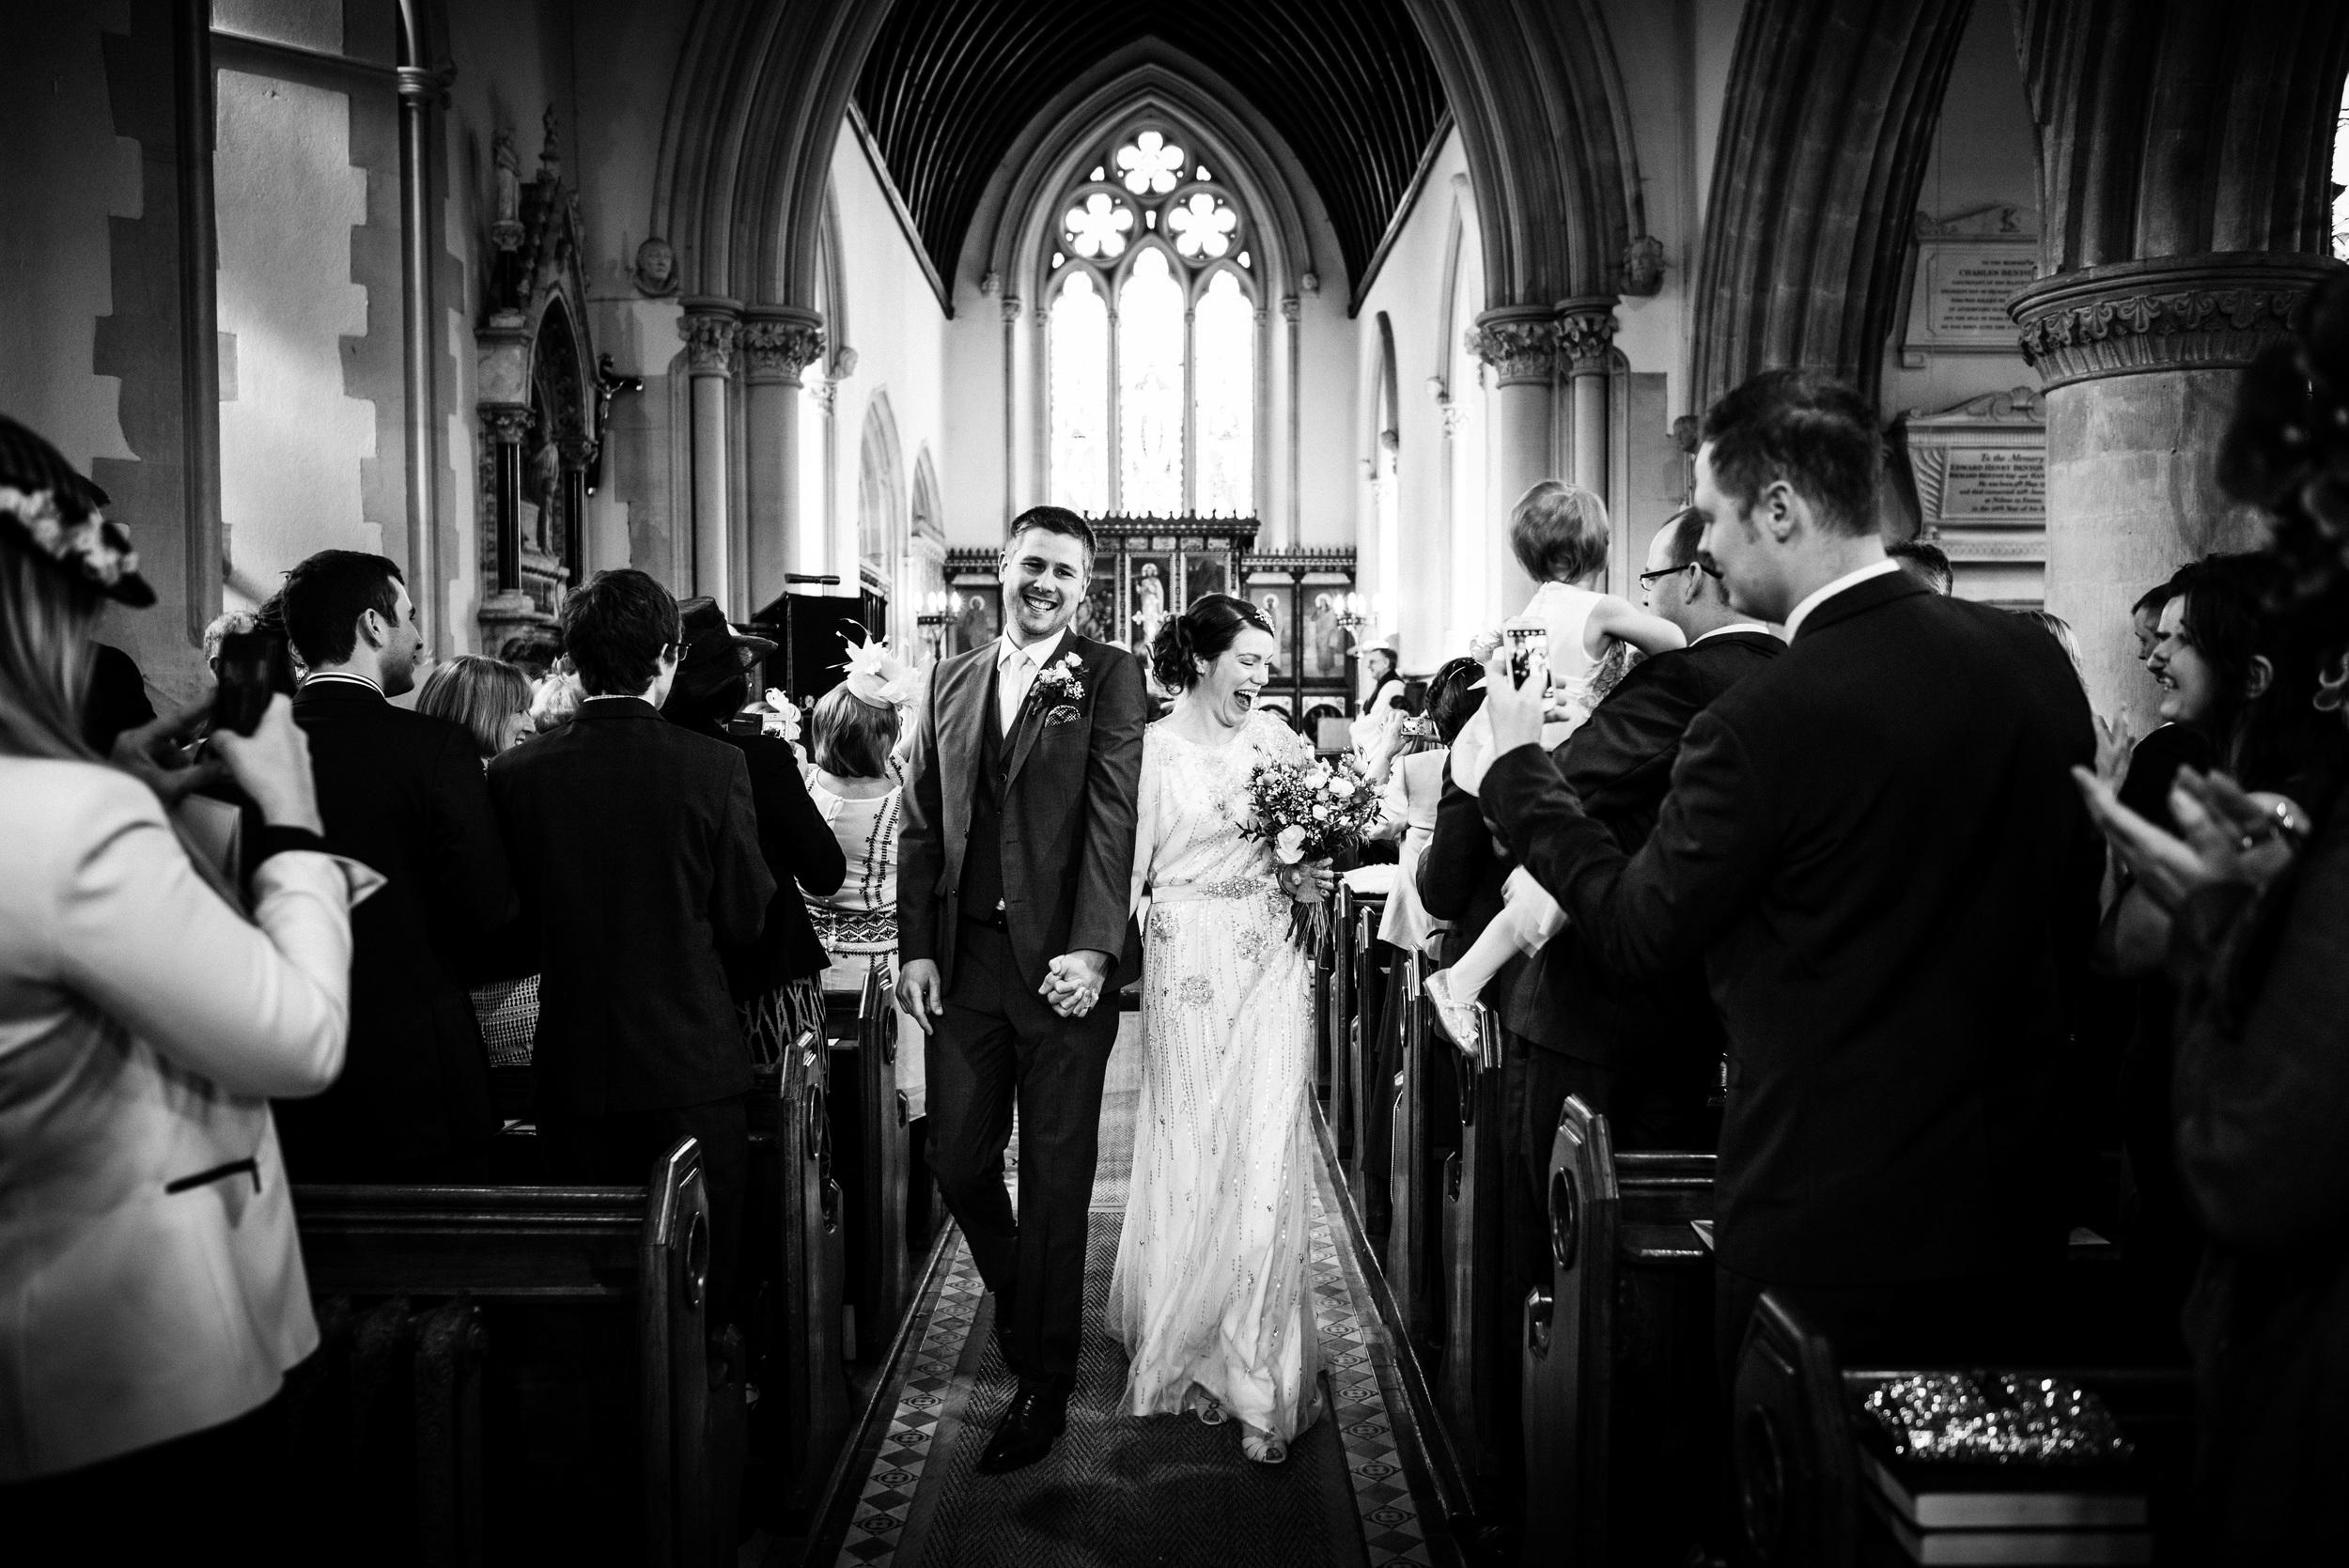 married - st marks, englefield